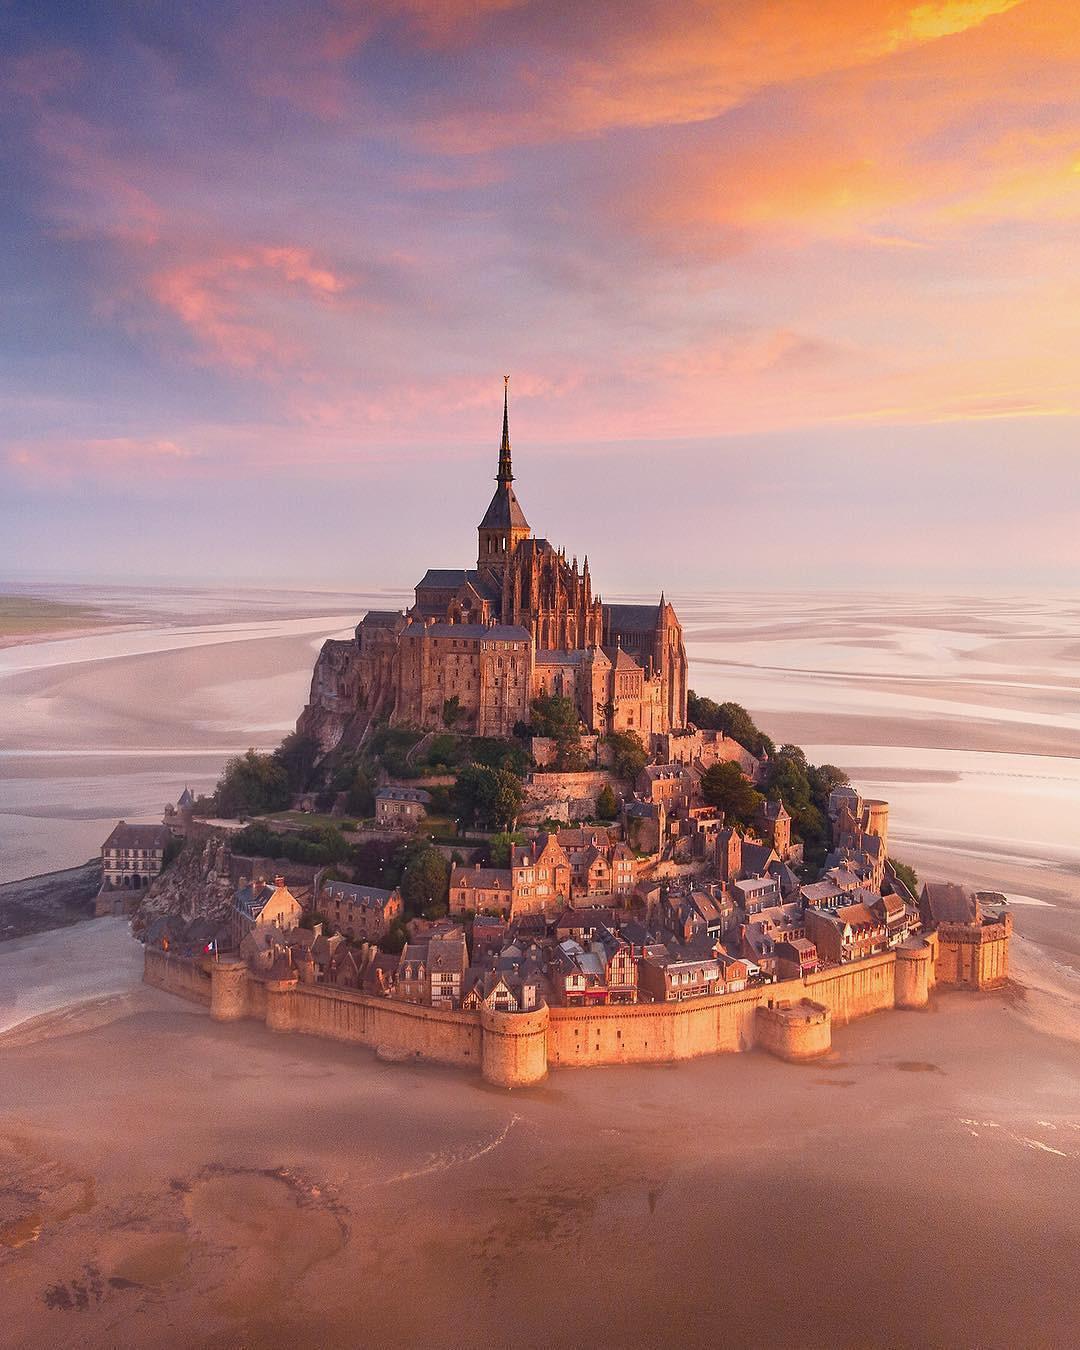 Ngỡ chỉ có trên phim hoạt hình Disney, hóa ra 10 kiến trúc nổi tiếng này là có thật 100% ngoài đời - Ảnh 17.